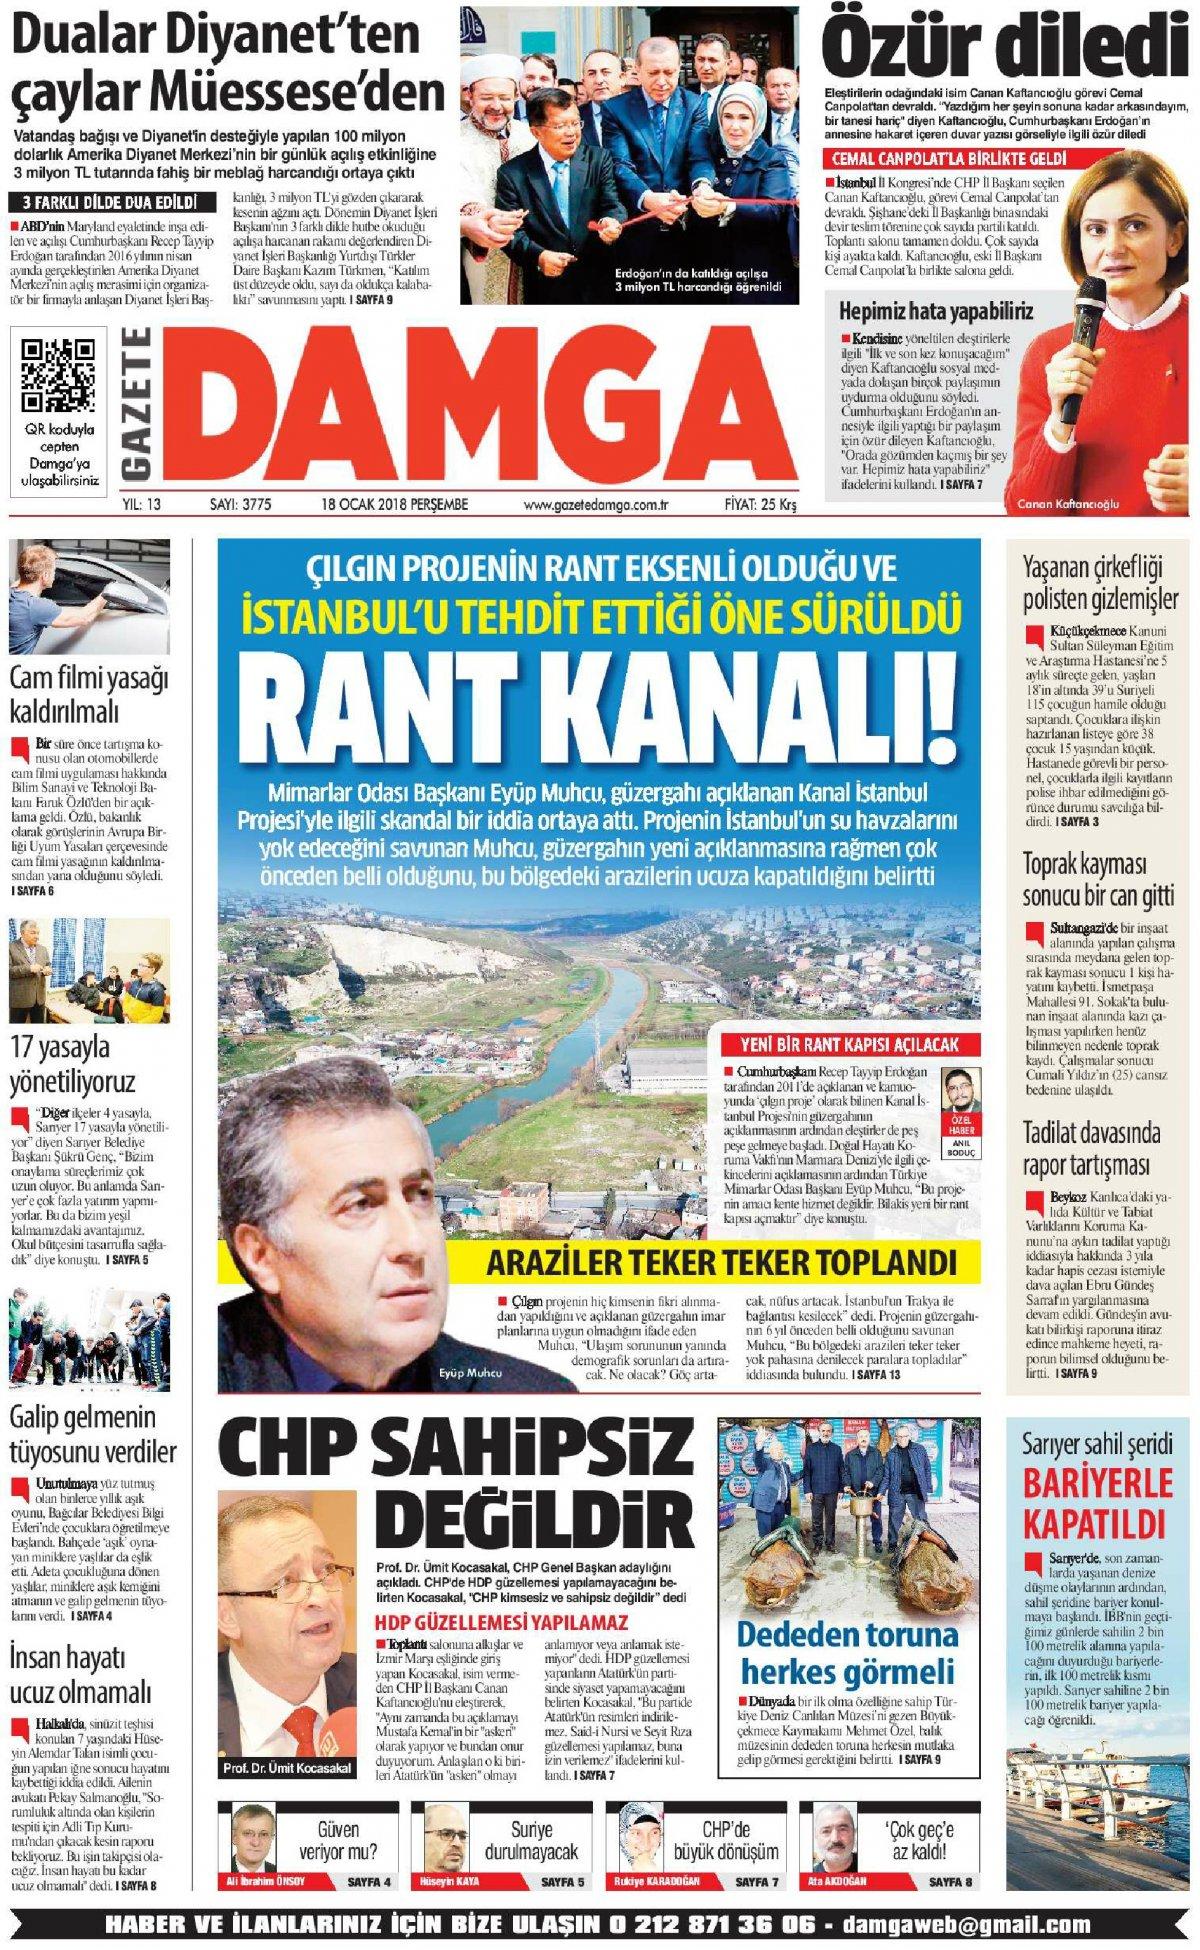 Gazete Damga - 18.01.2018 Manşeti